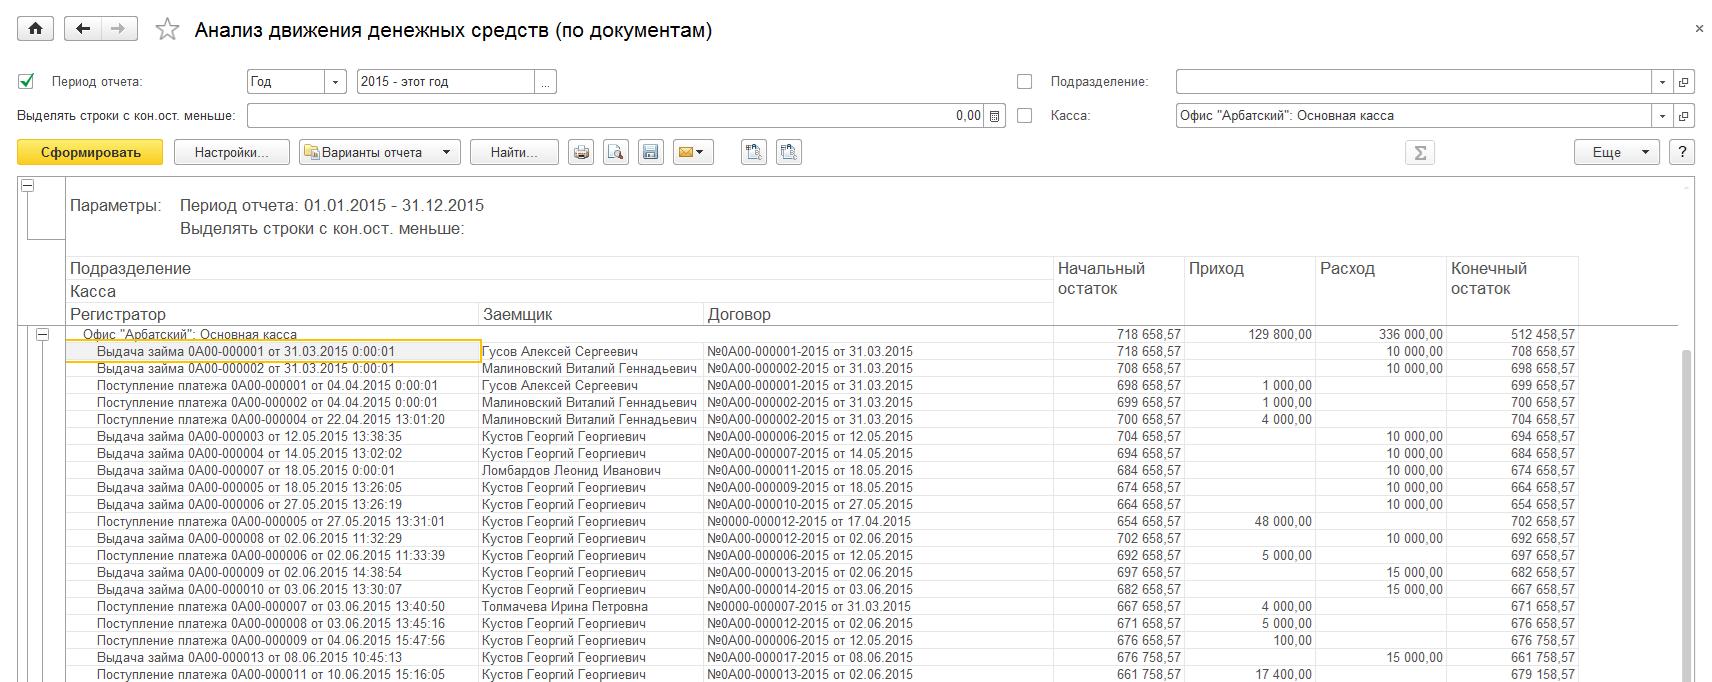 Кафе в Кимрах компании с адресами телефонами и отзывами Анализ движения денежных средств курсовая